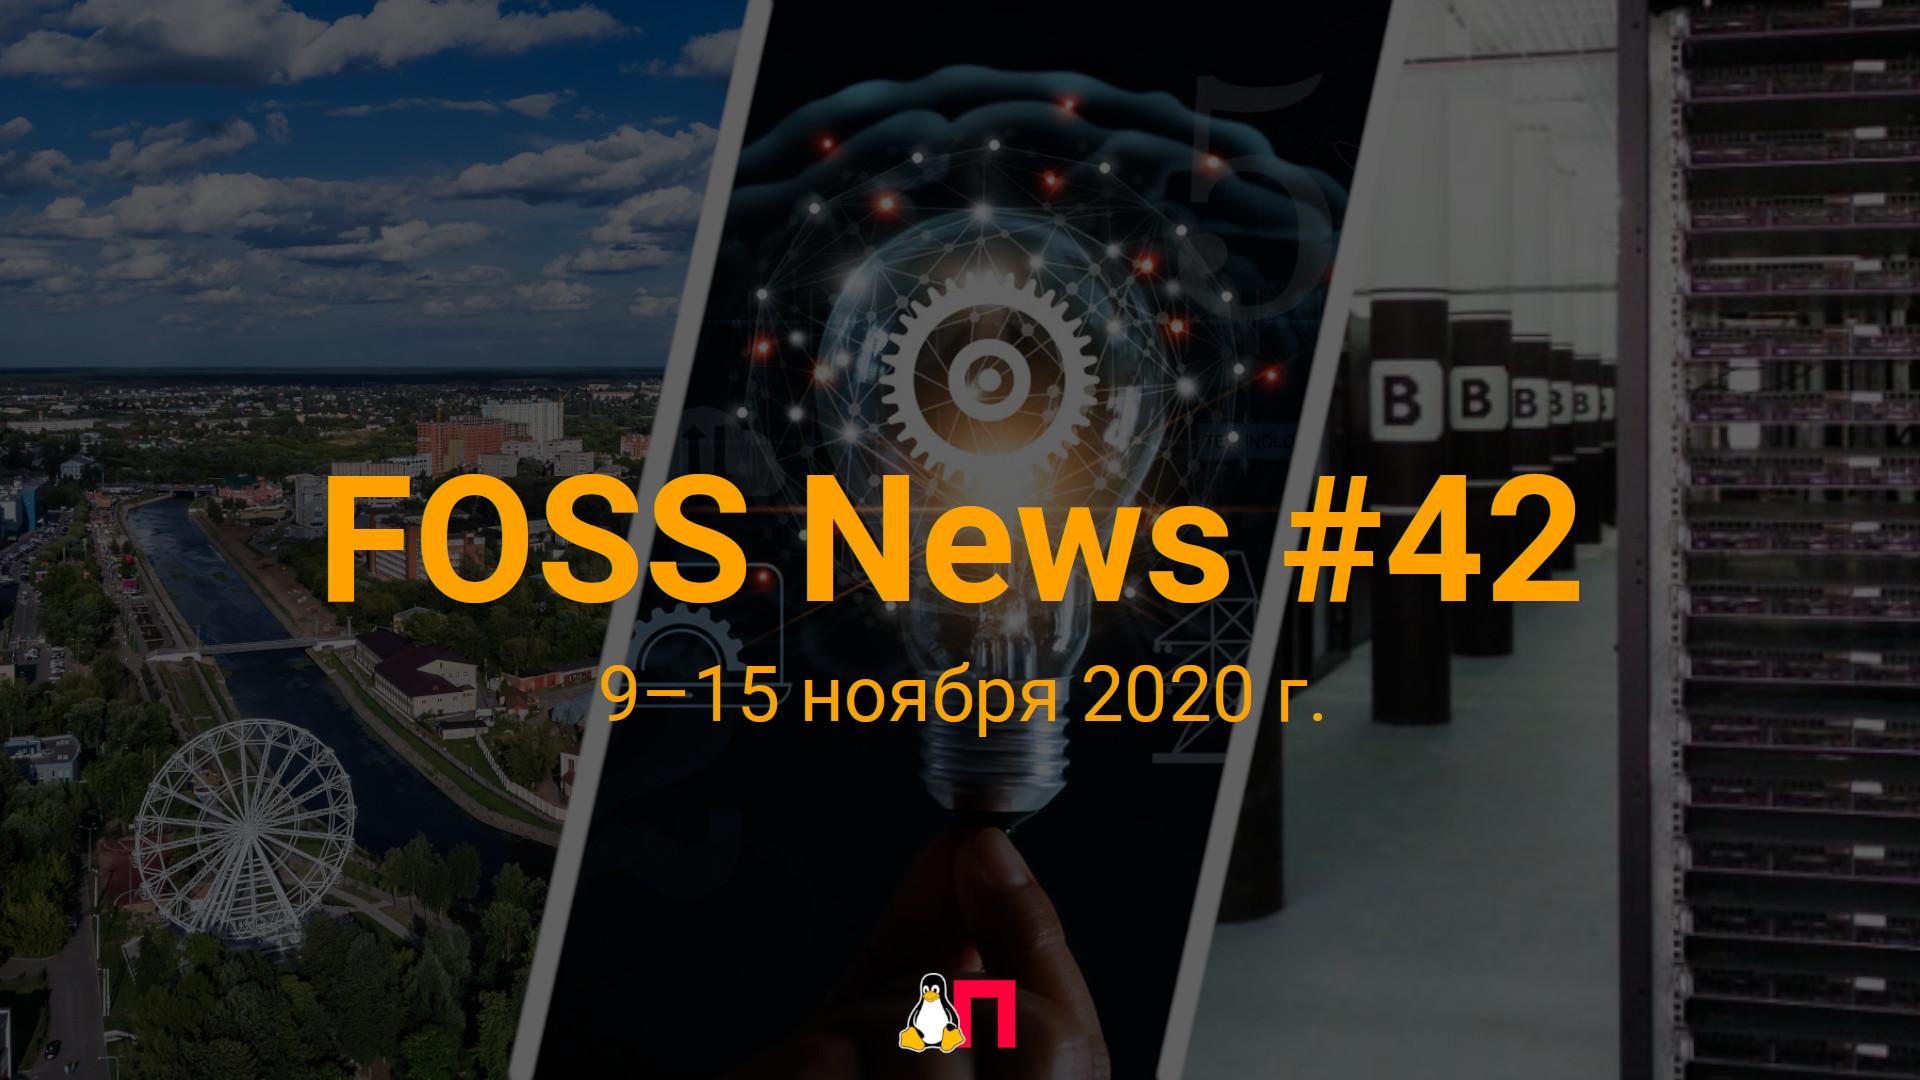 FOSS News 42  дайджест новостей и других материалов о свободном и открытом ПО за 9-15 ноября 2020 года